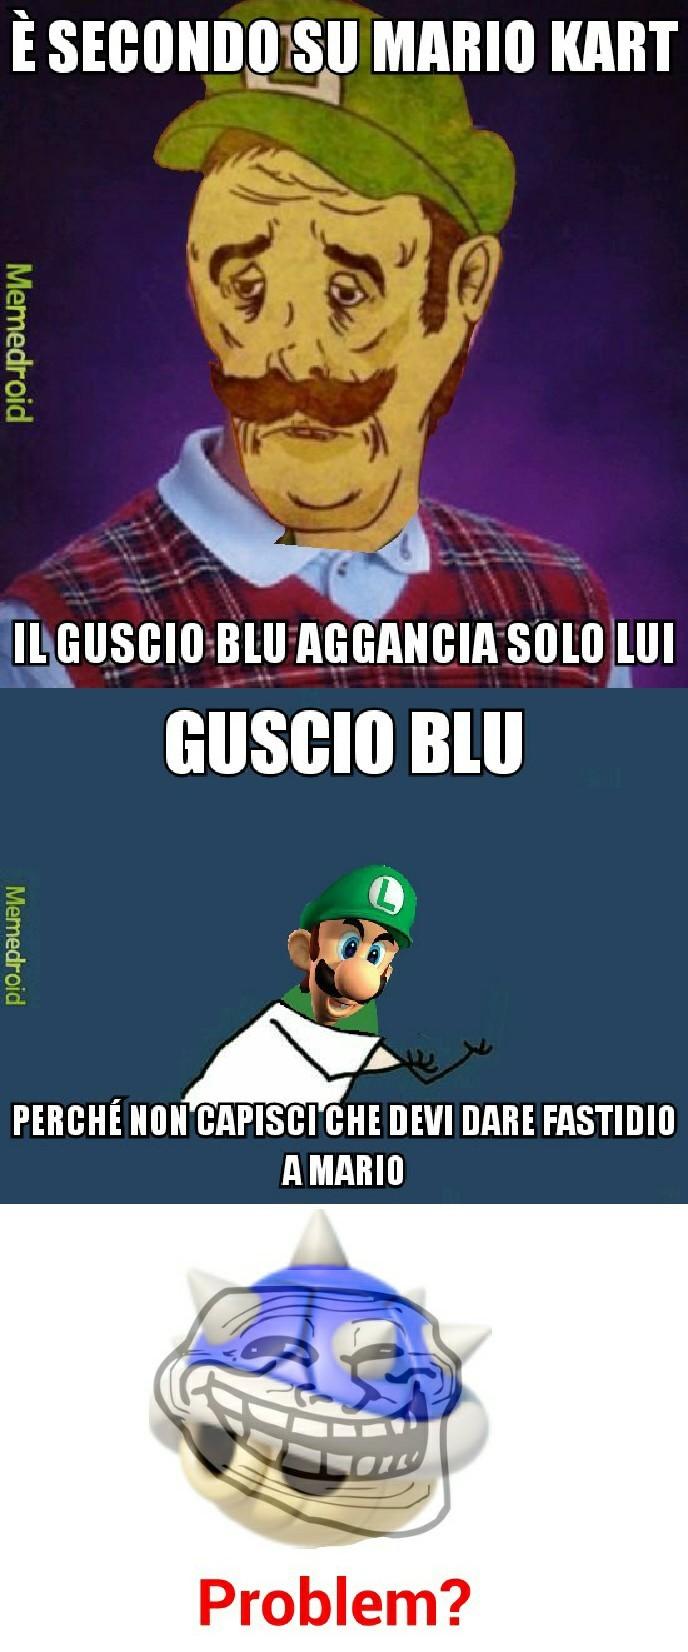 Donate anche voi 2 euro a Luigi. Meme un po' randomico ma ci sta